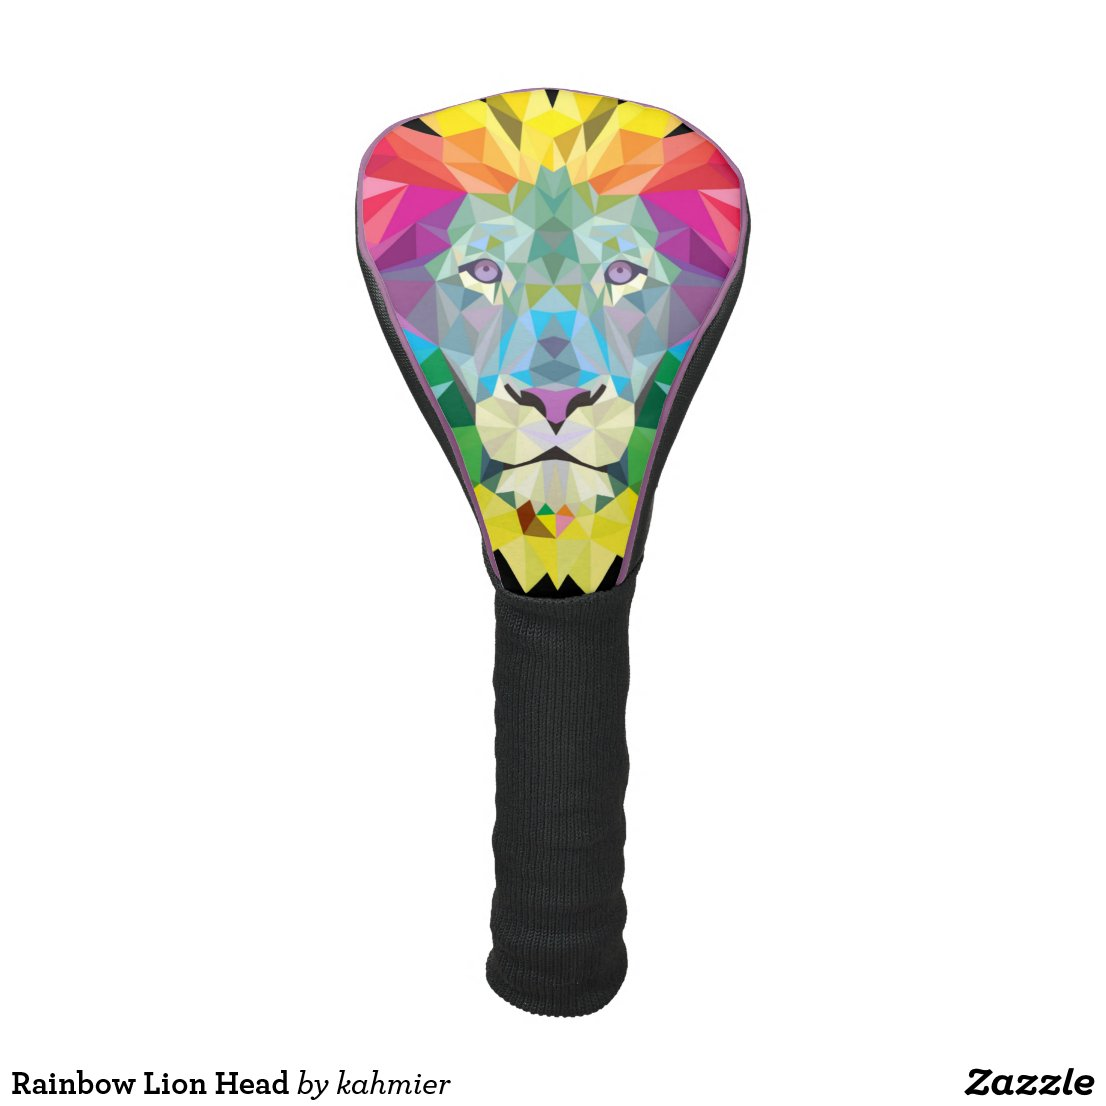 Rainbow Lion Head Golf Head Cover